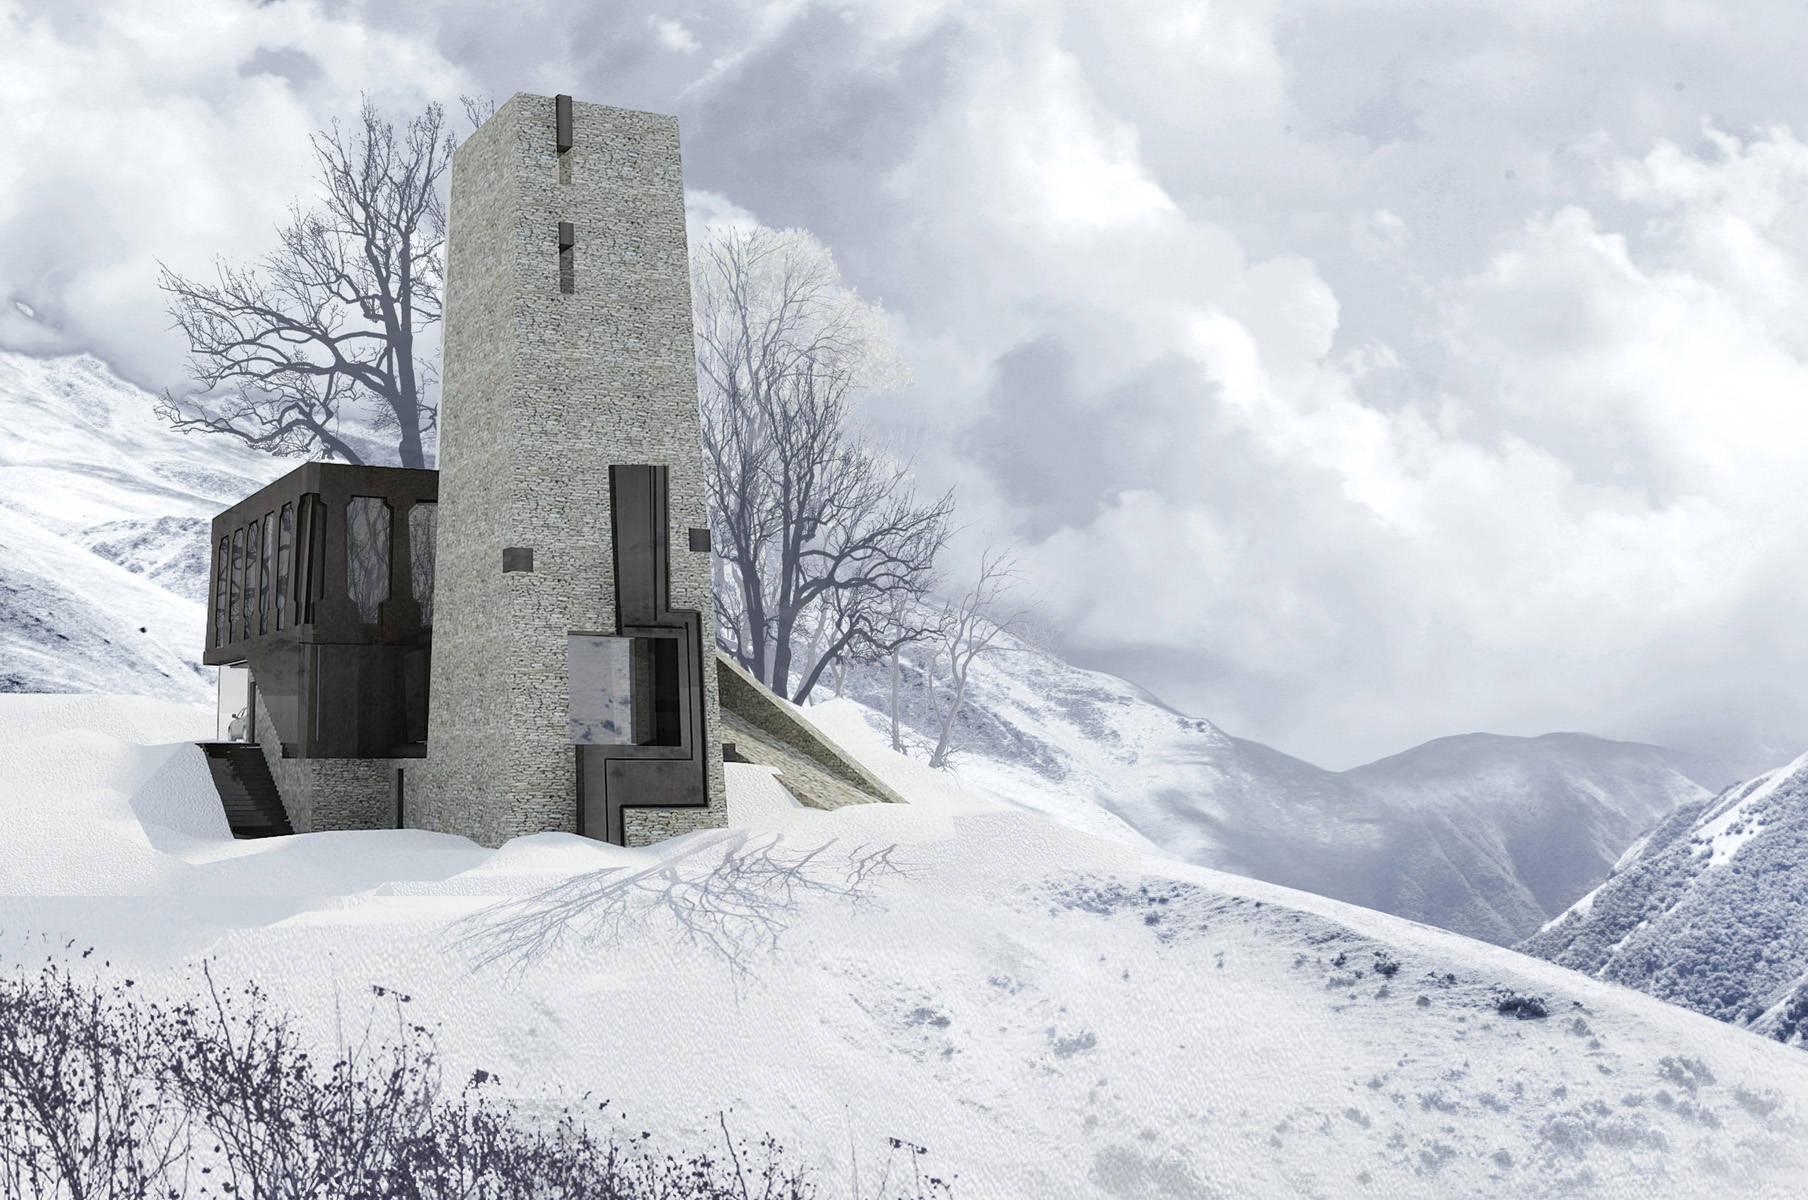 В Чечне открылся горнолыжный курорт «Ведучи» стоимостью более 6,5 млрд рублей